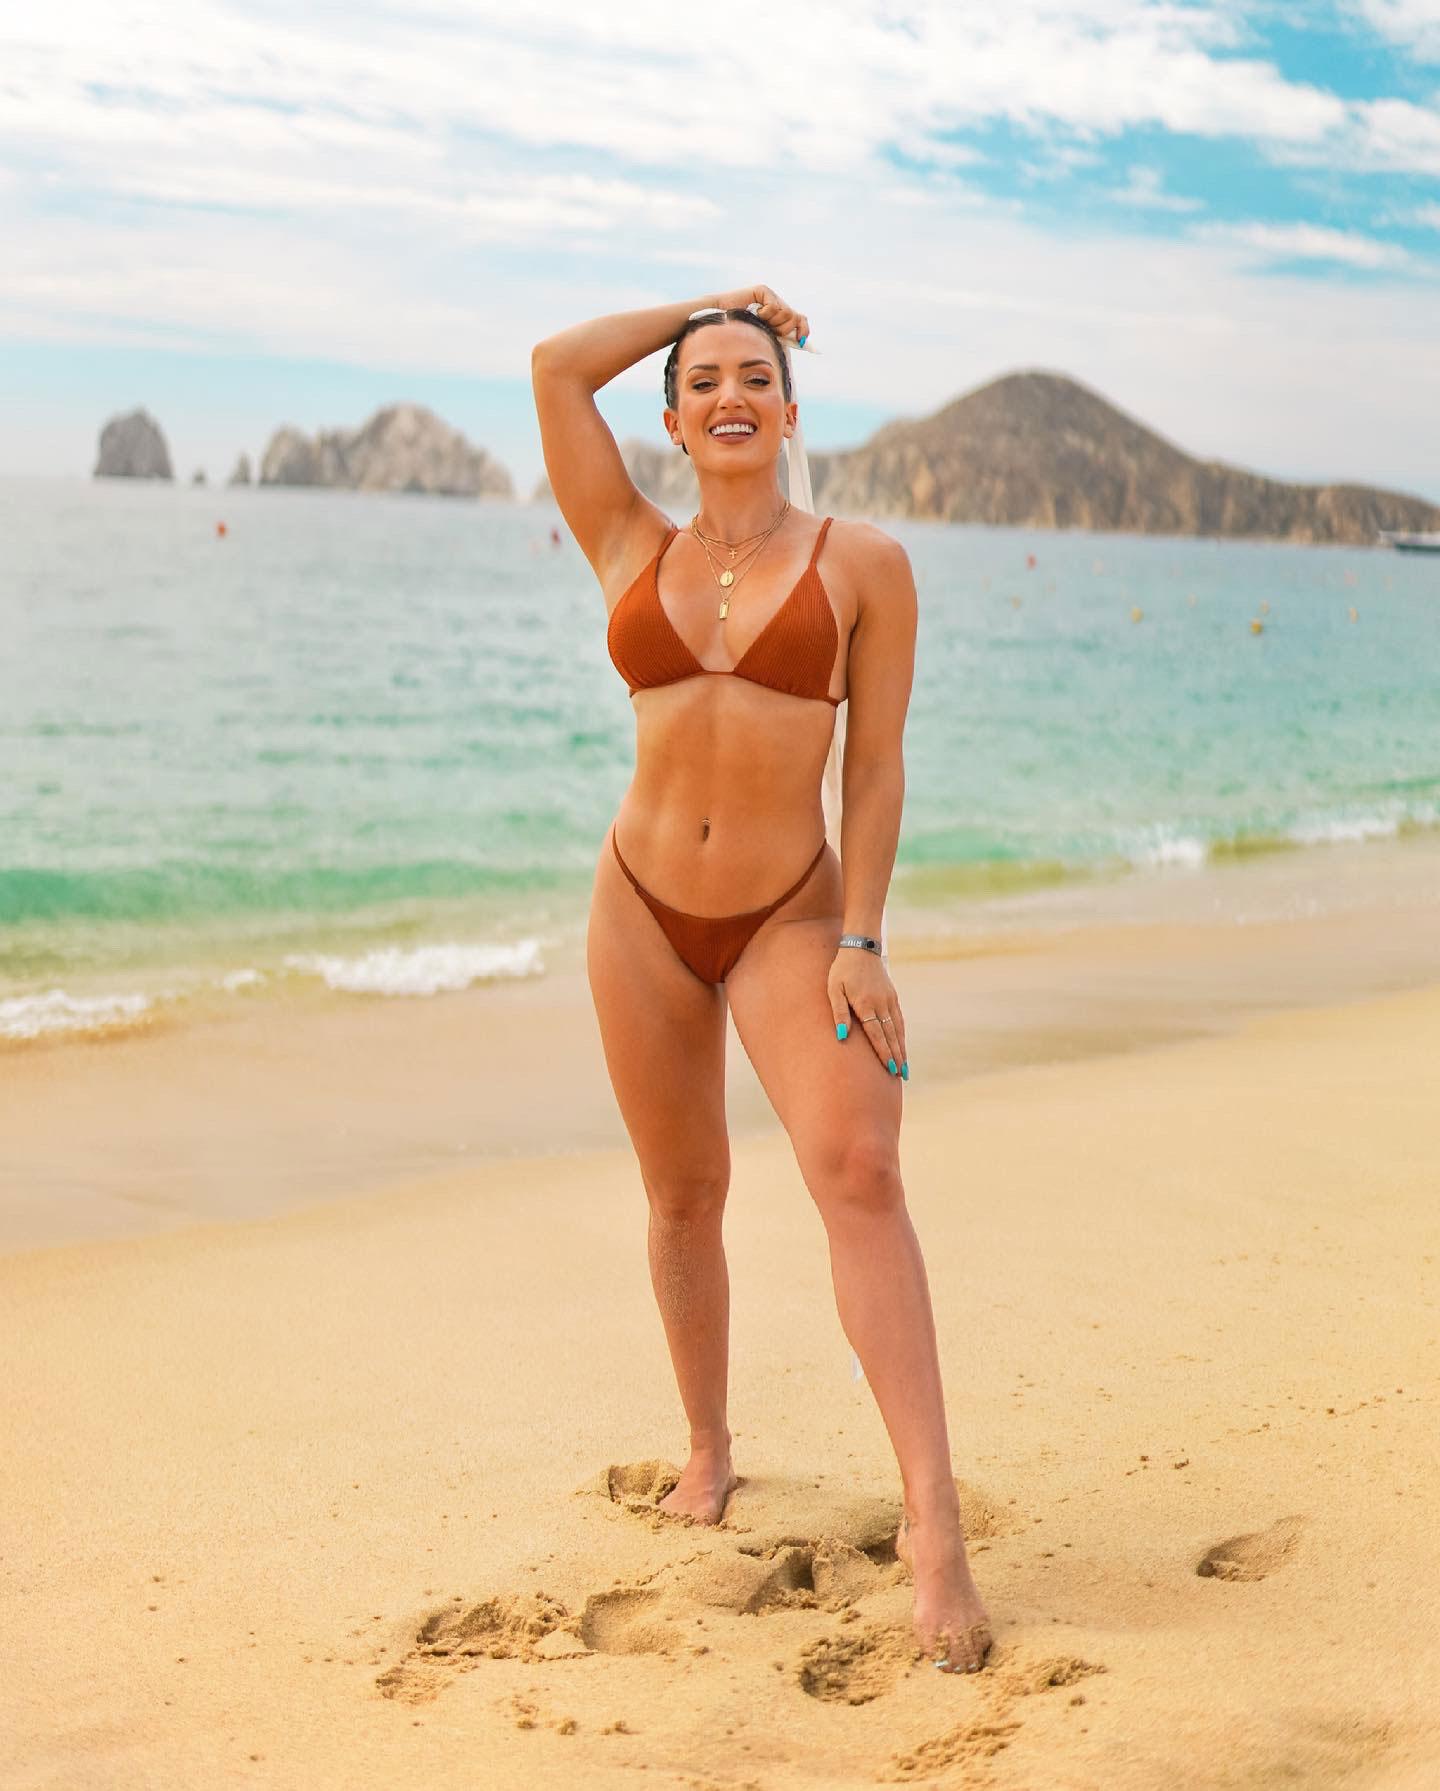 Katie Corio